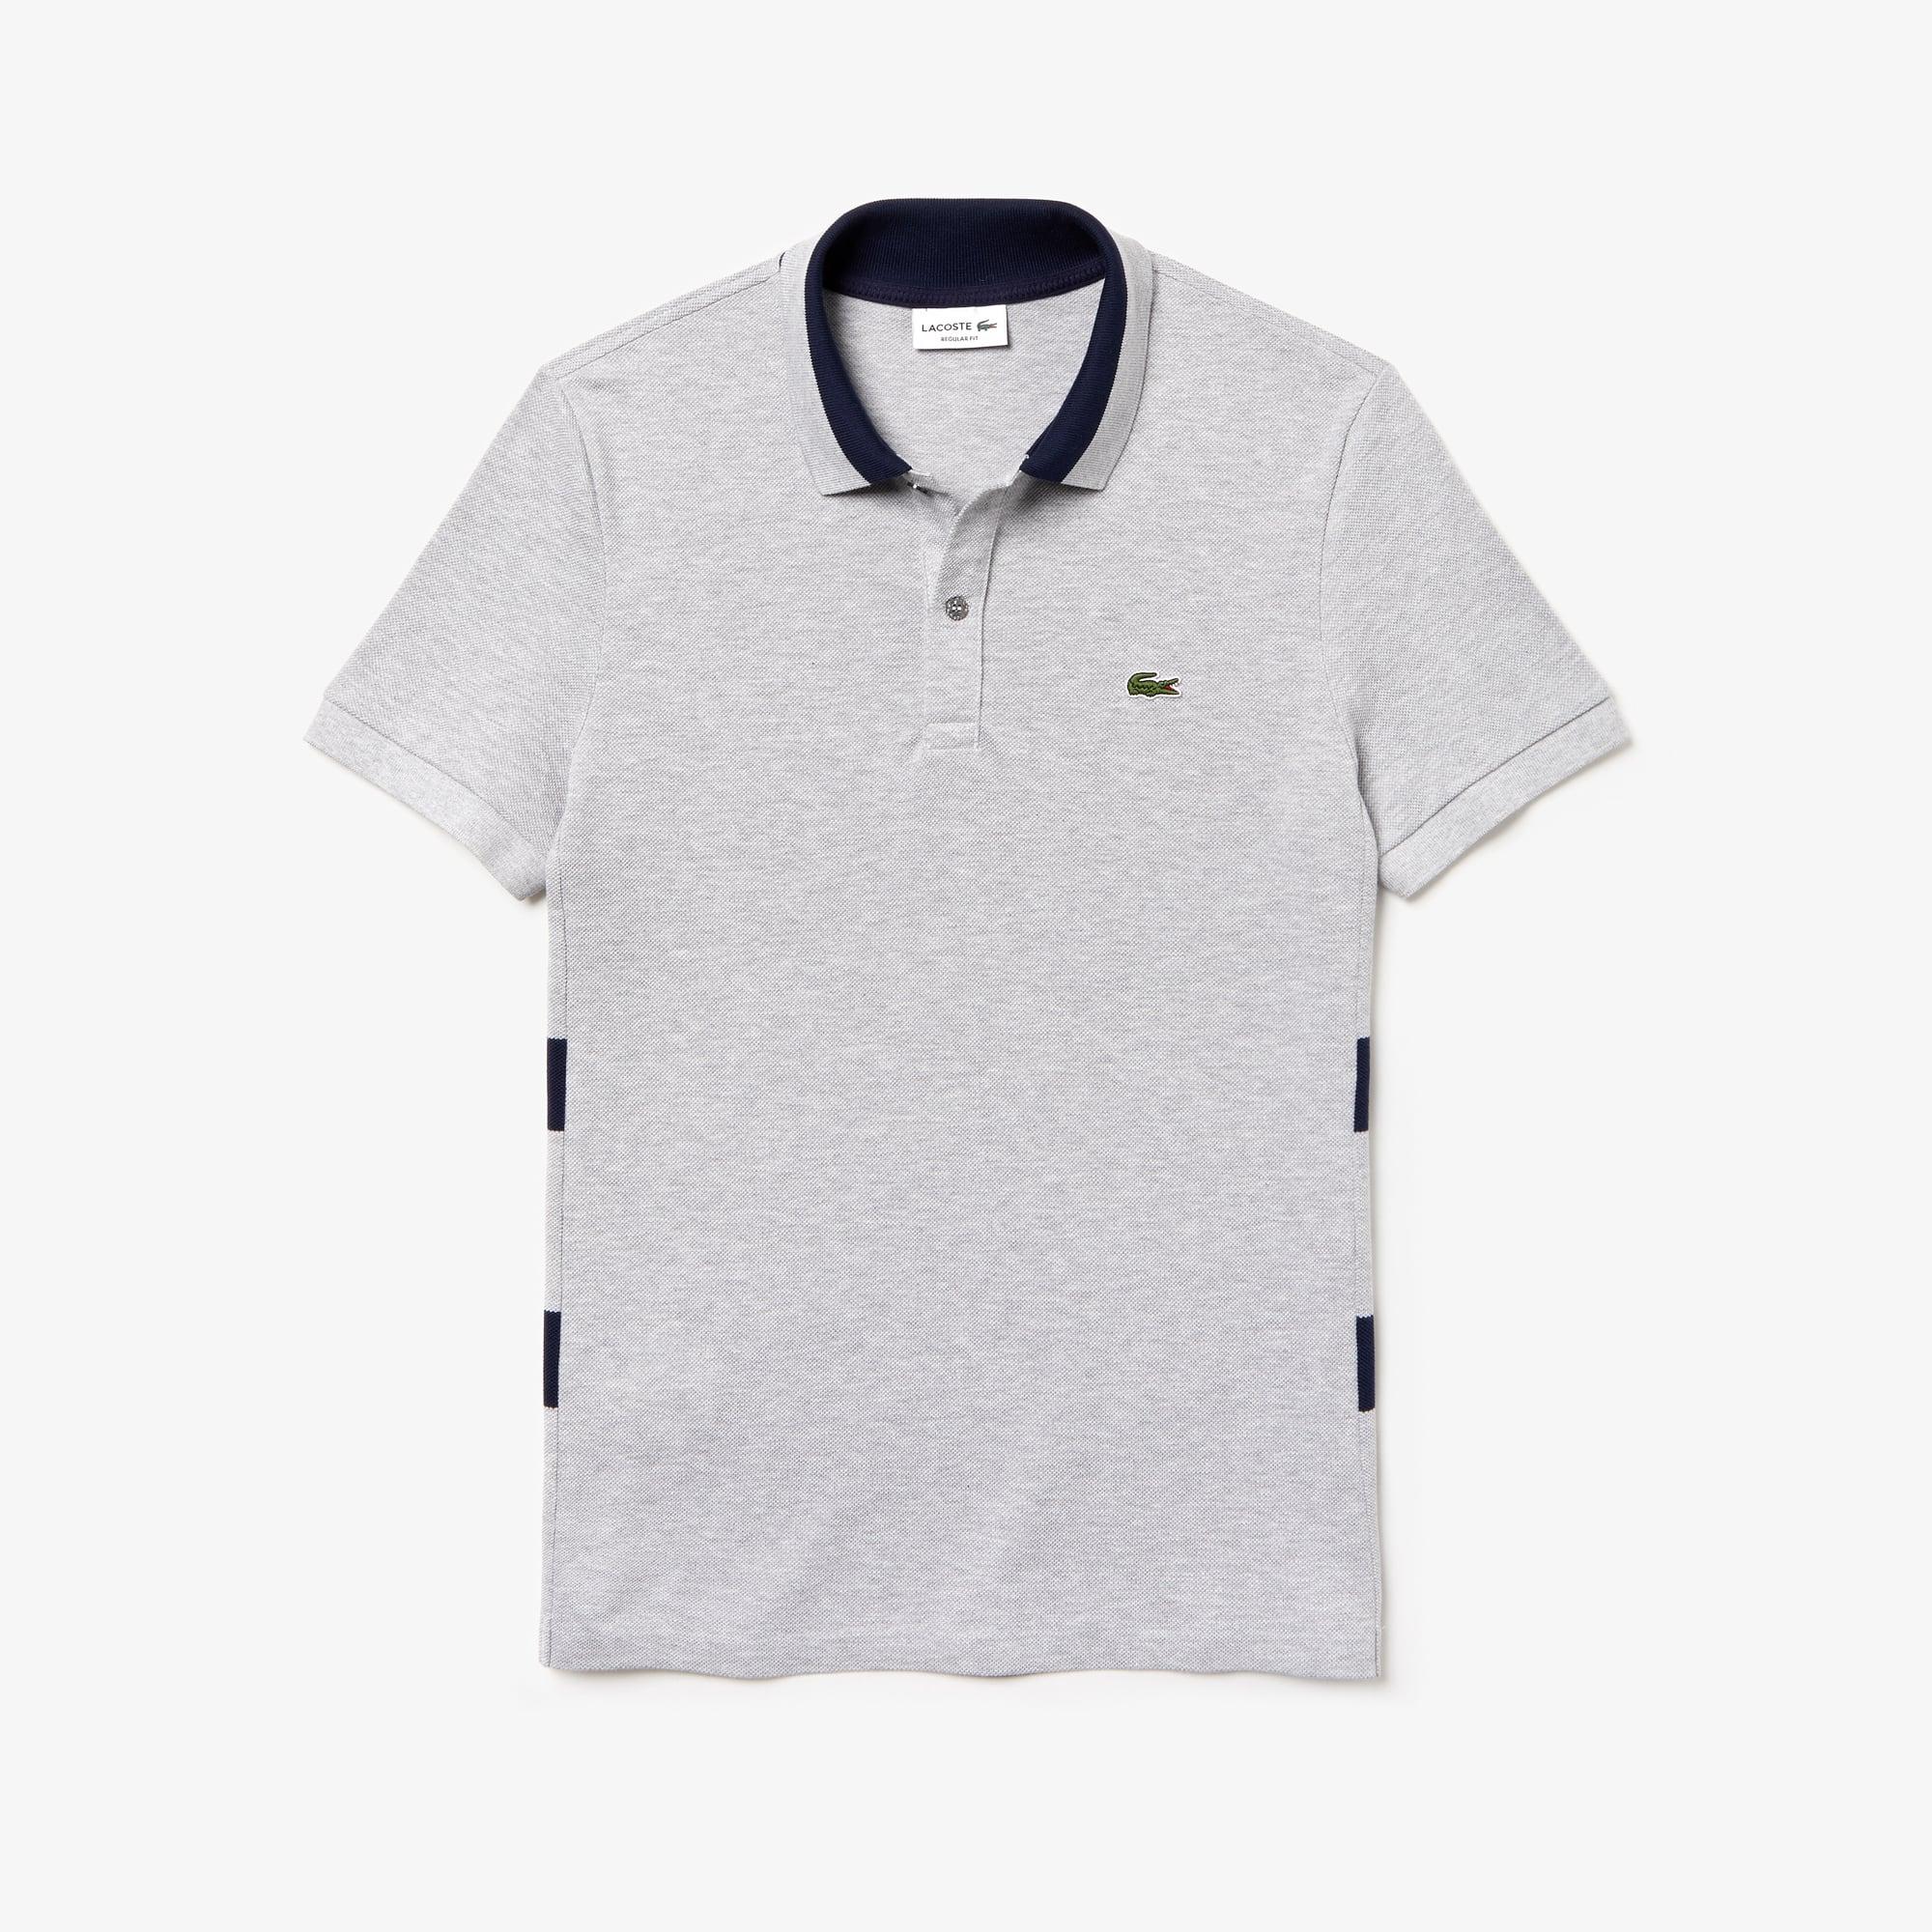 dd7a4b1d Men's Lacoste Regular Fit Striped Cotton Petit Piqué Polo Shirt ...